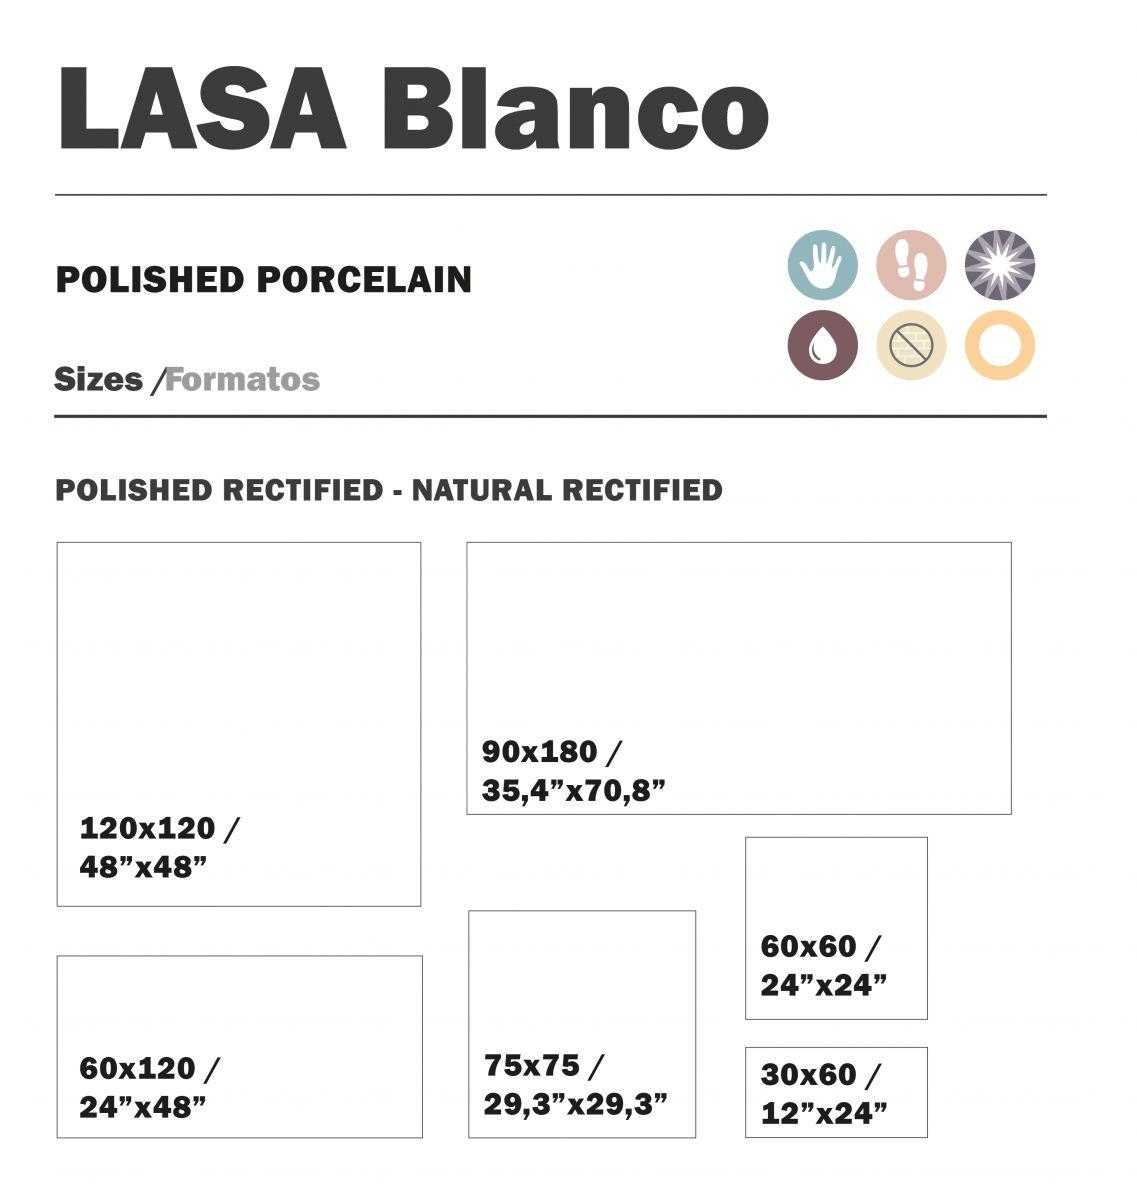 90x180 cm lasa blanco topkwaliteit spaans tegels